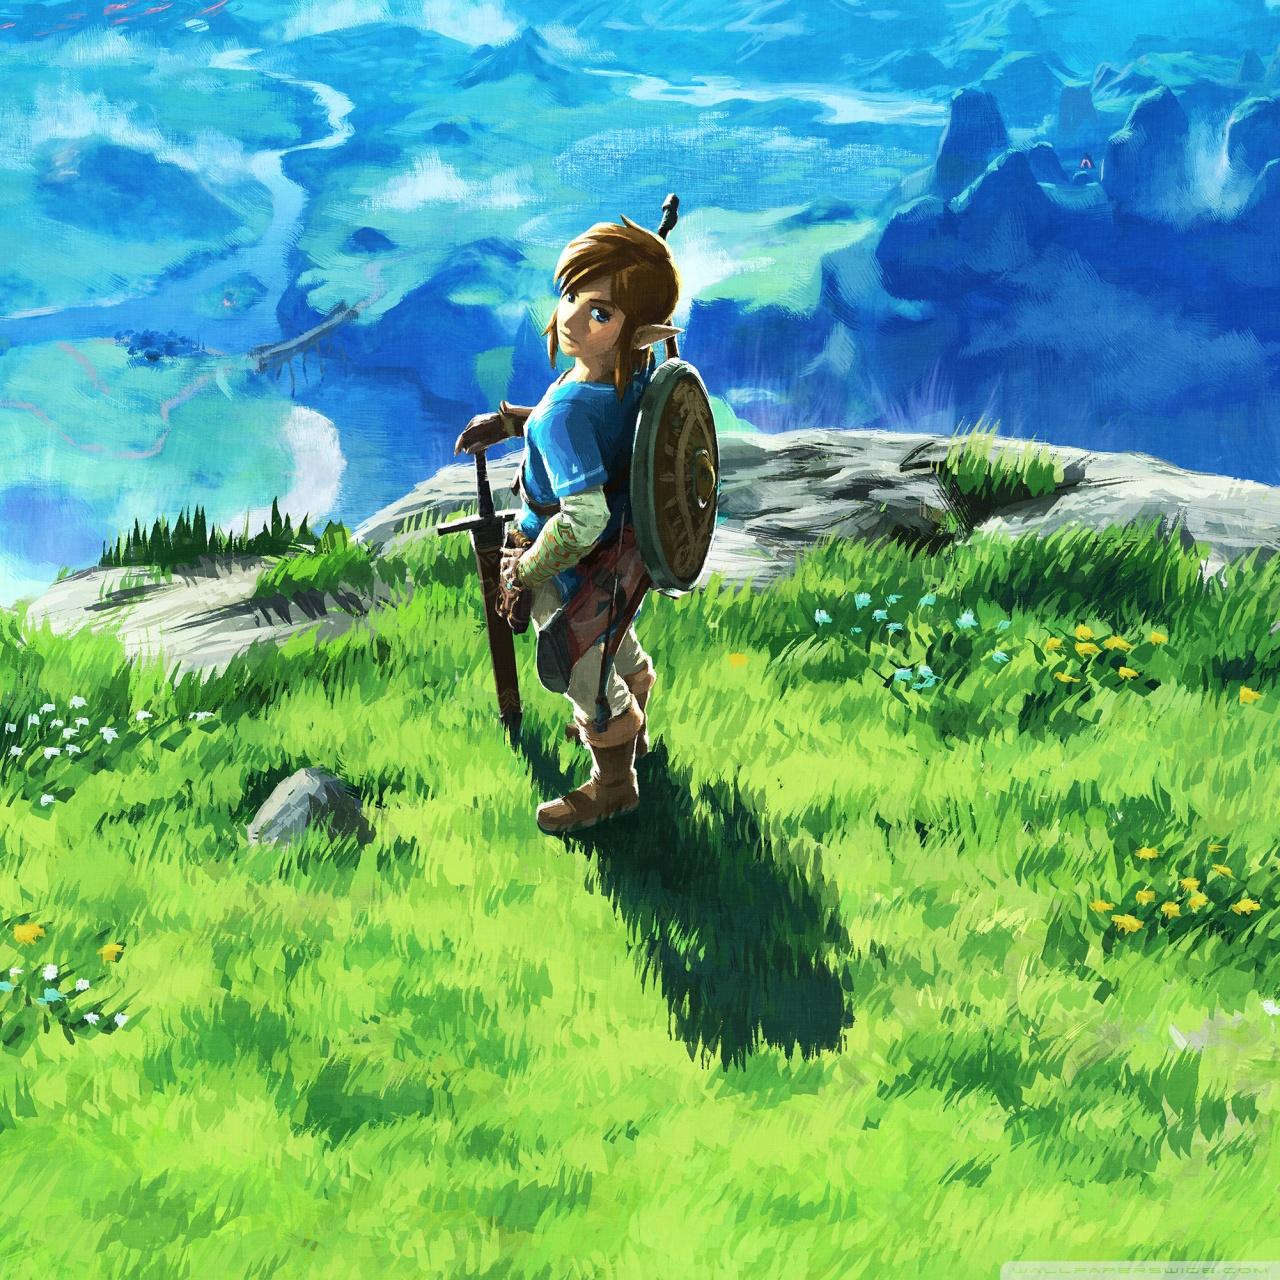 Zelda Botw Wallpaper Iphone 2389833 Hd Wallpaper